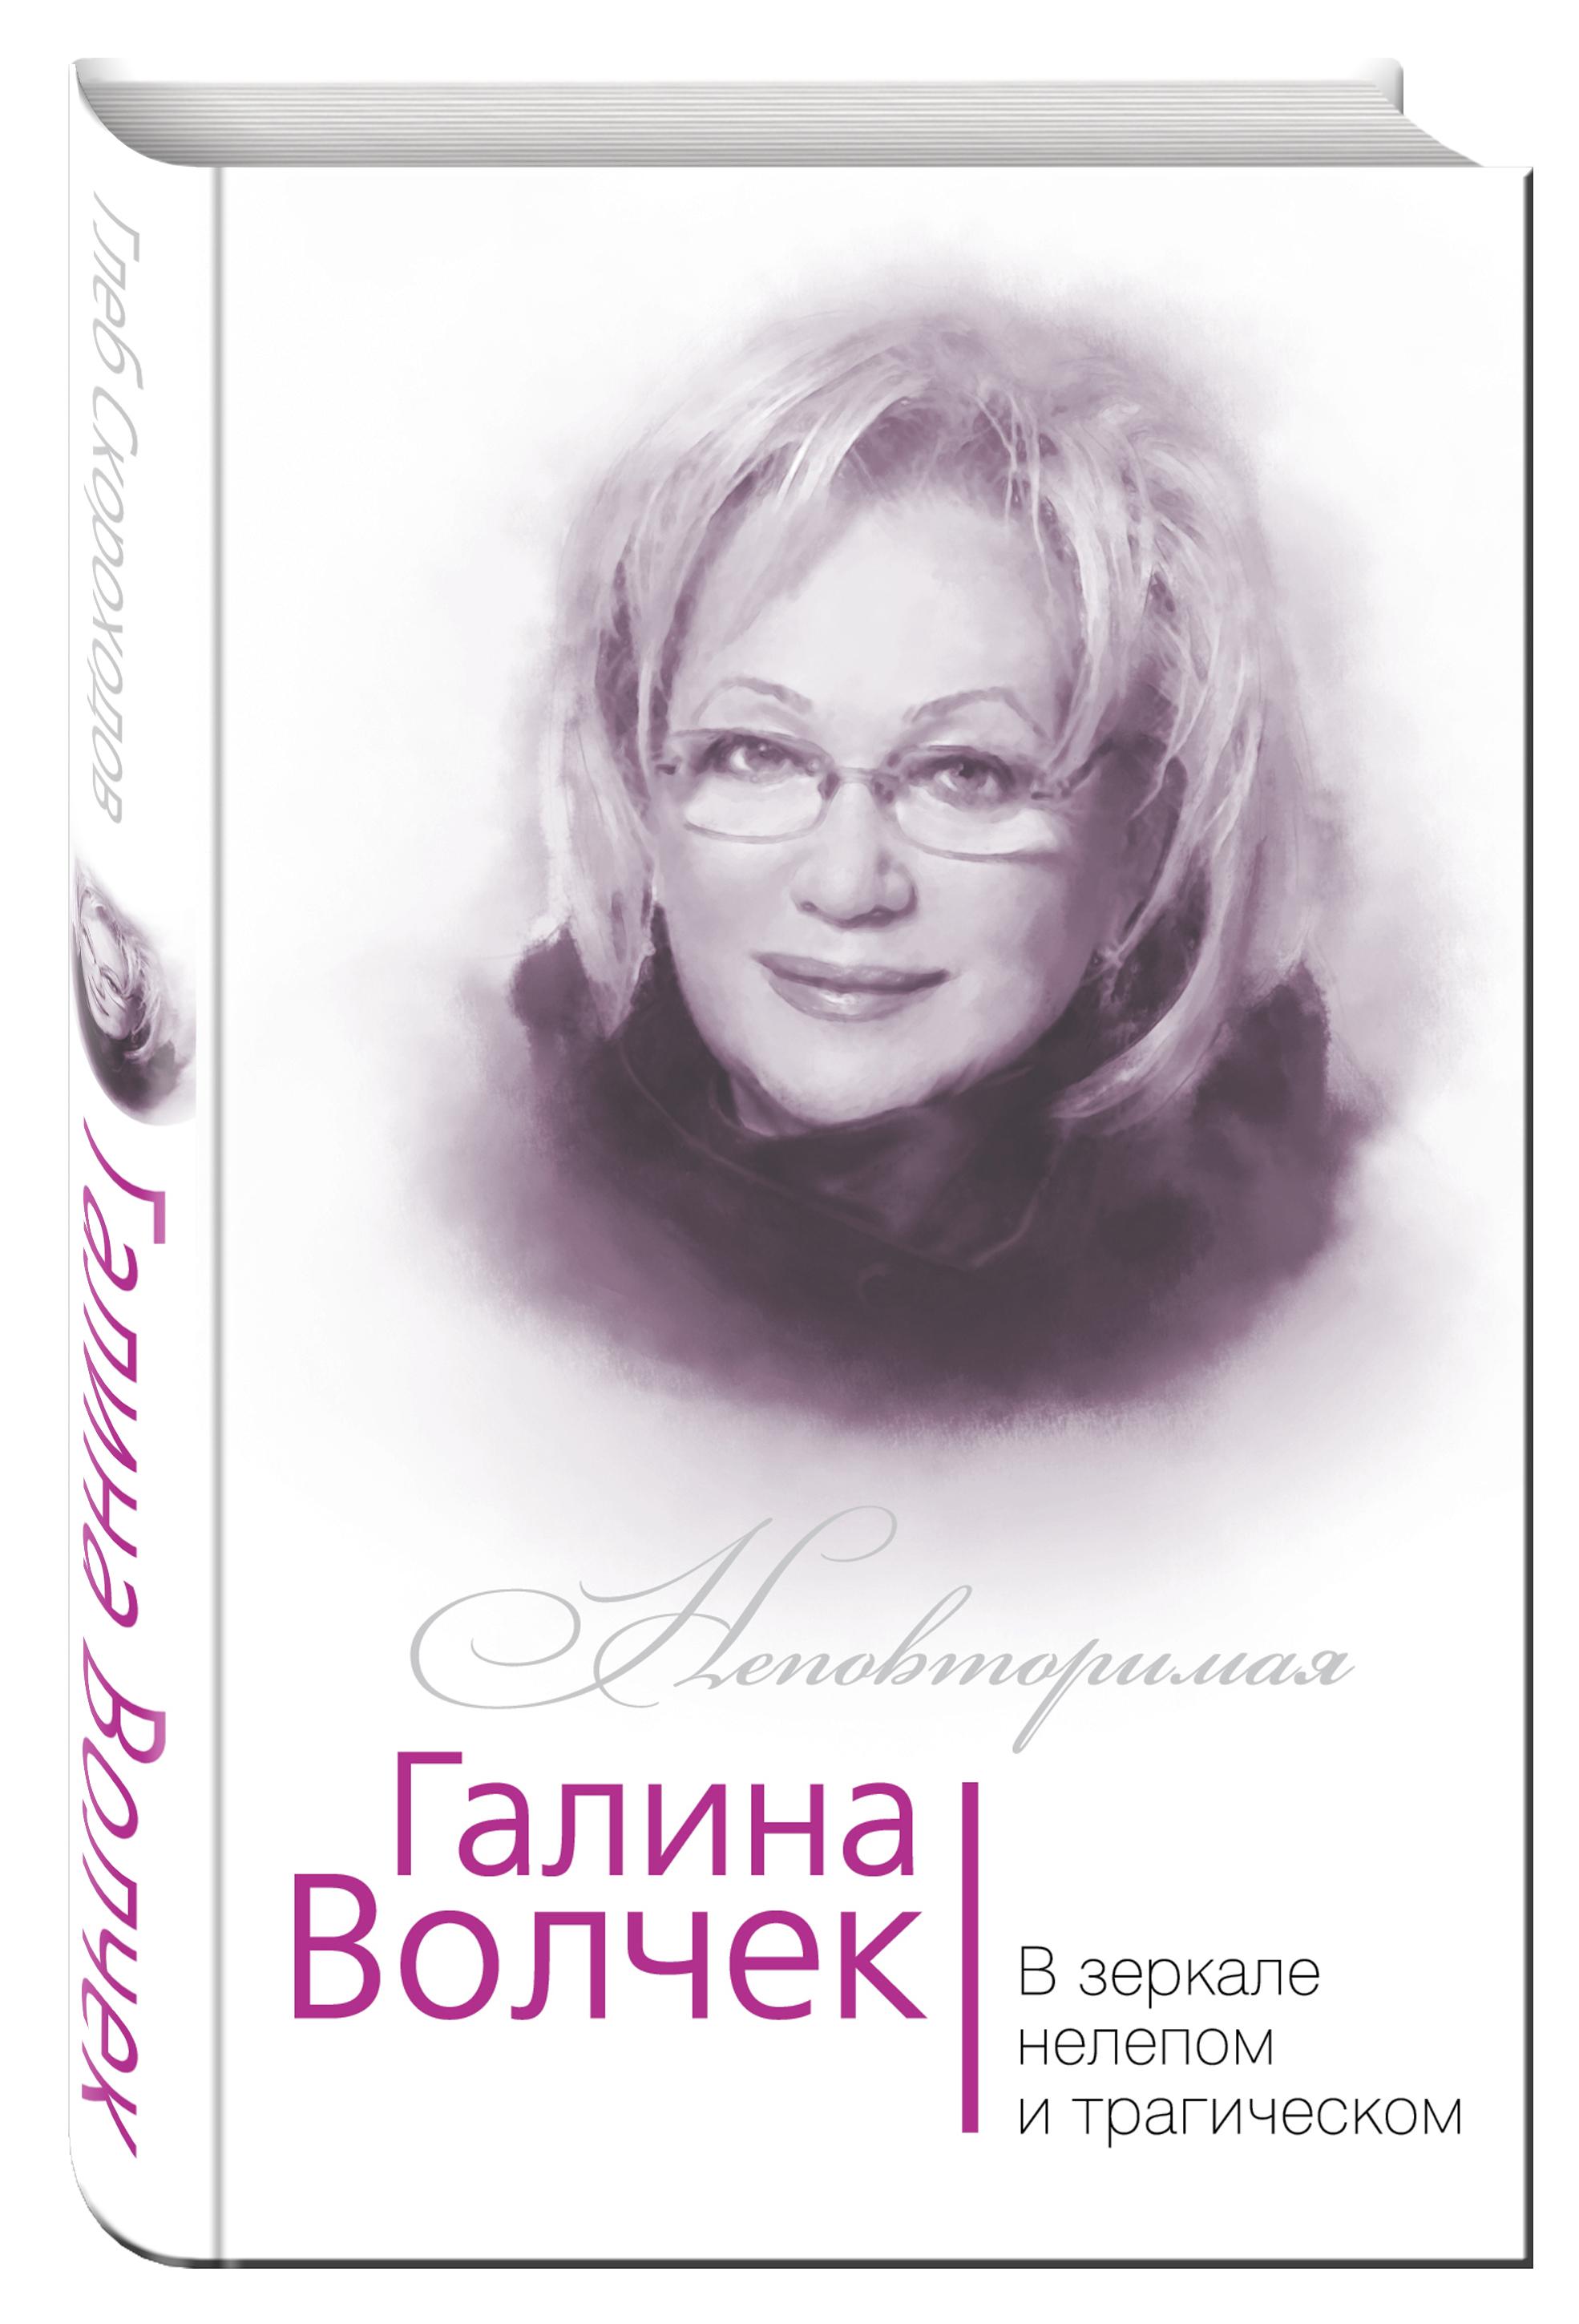 Галина Волчек. В зеркале нелепом и трагическом